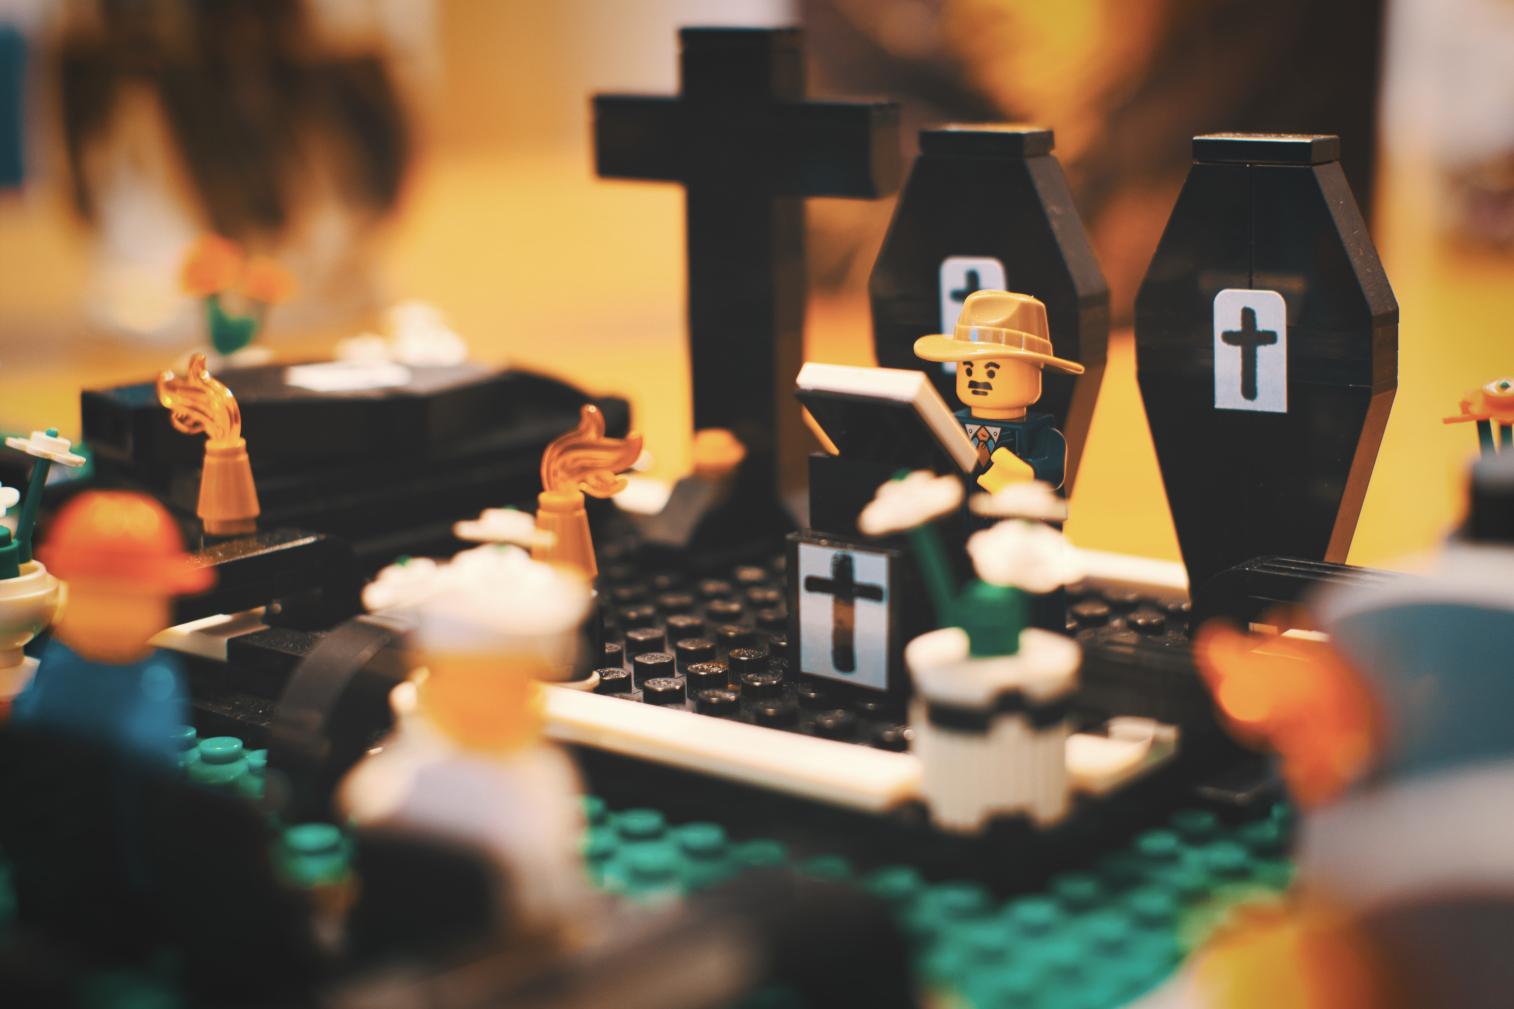 Beerdigung nachgespielt mit LEGO